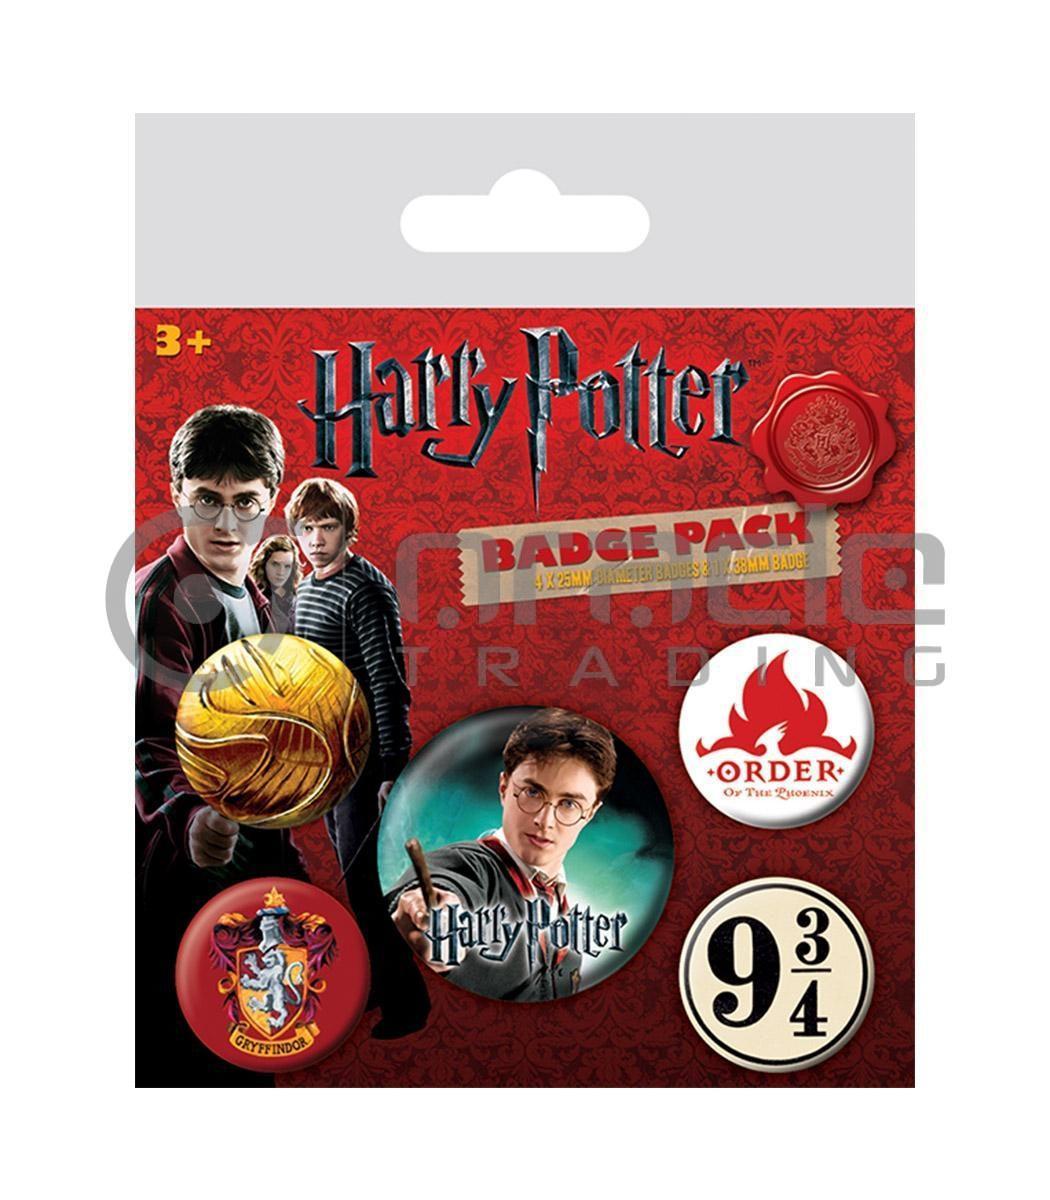 Harry Potter Gryffindor Badge Pack